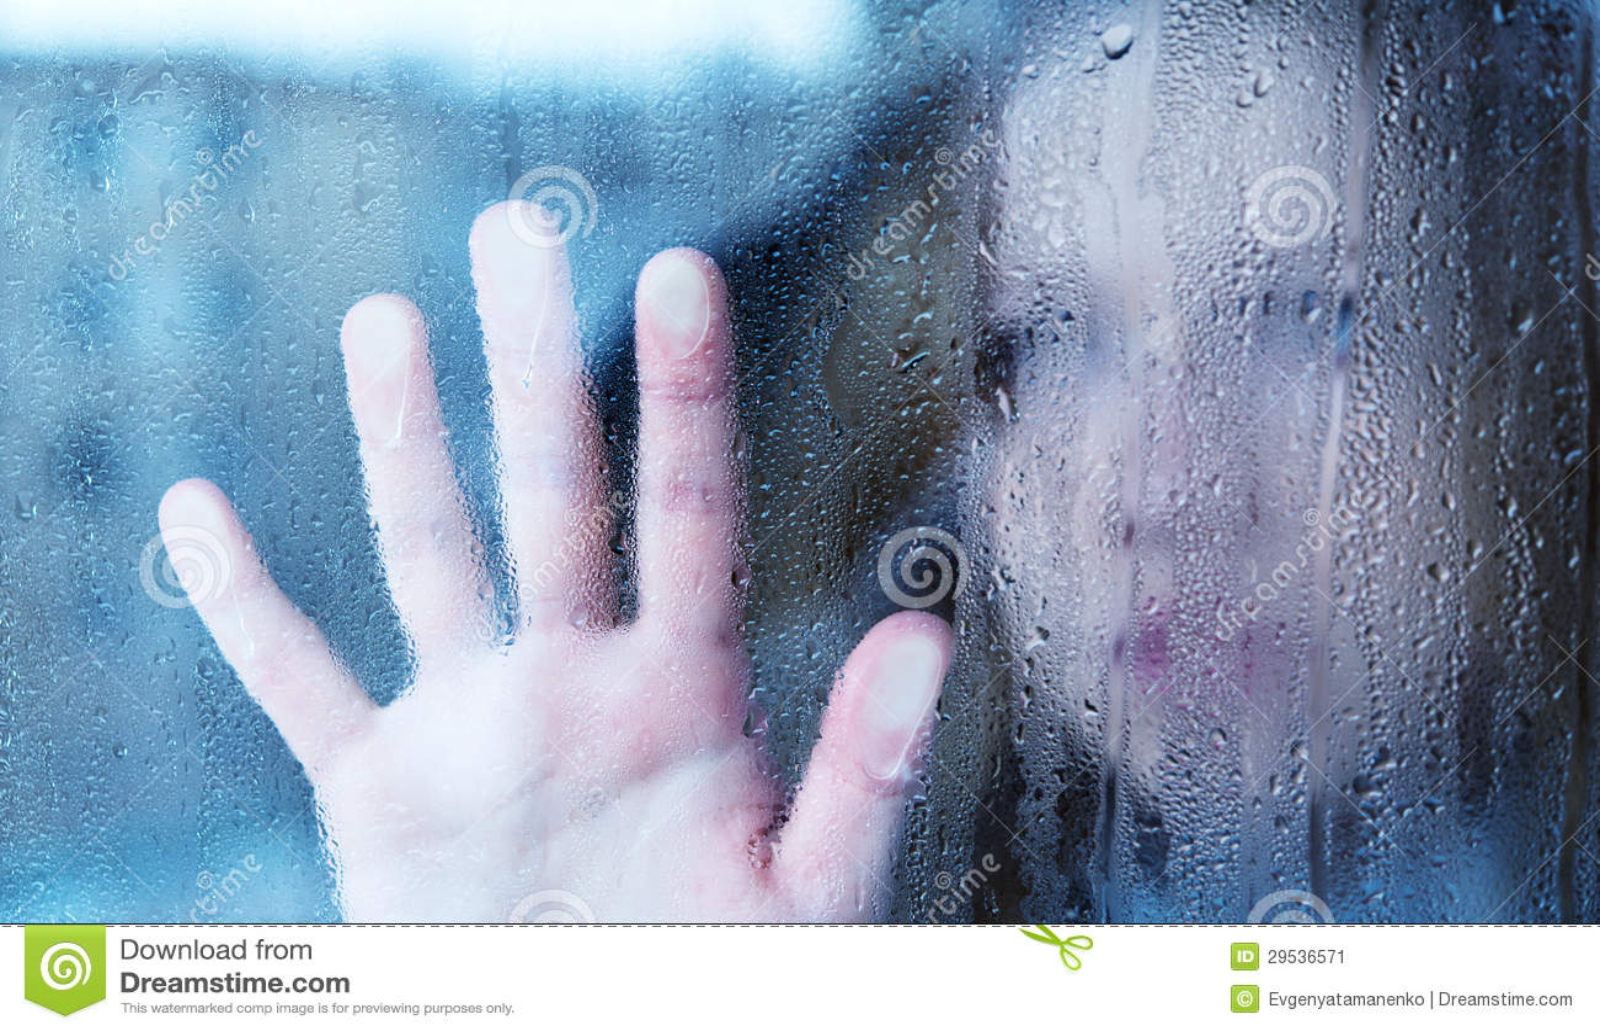 Μελαγχολική και λυπημένη νέα γυναίκα στο παράθυρο στη βροχή